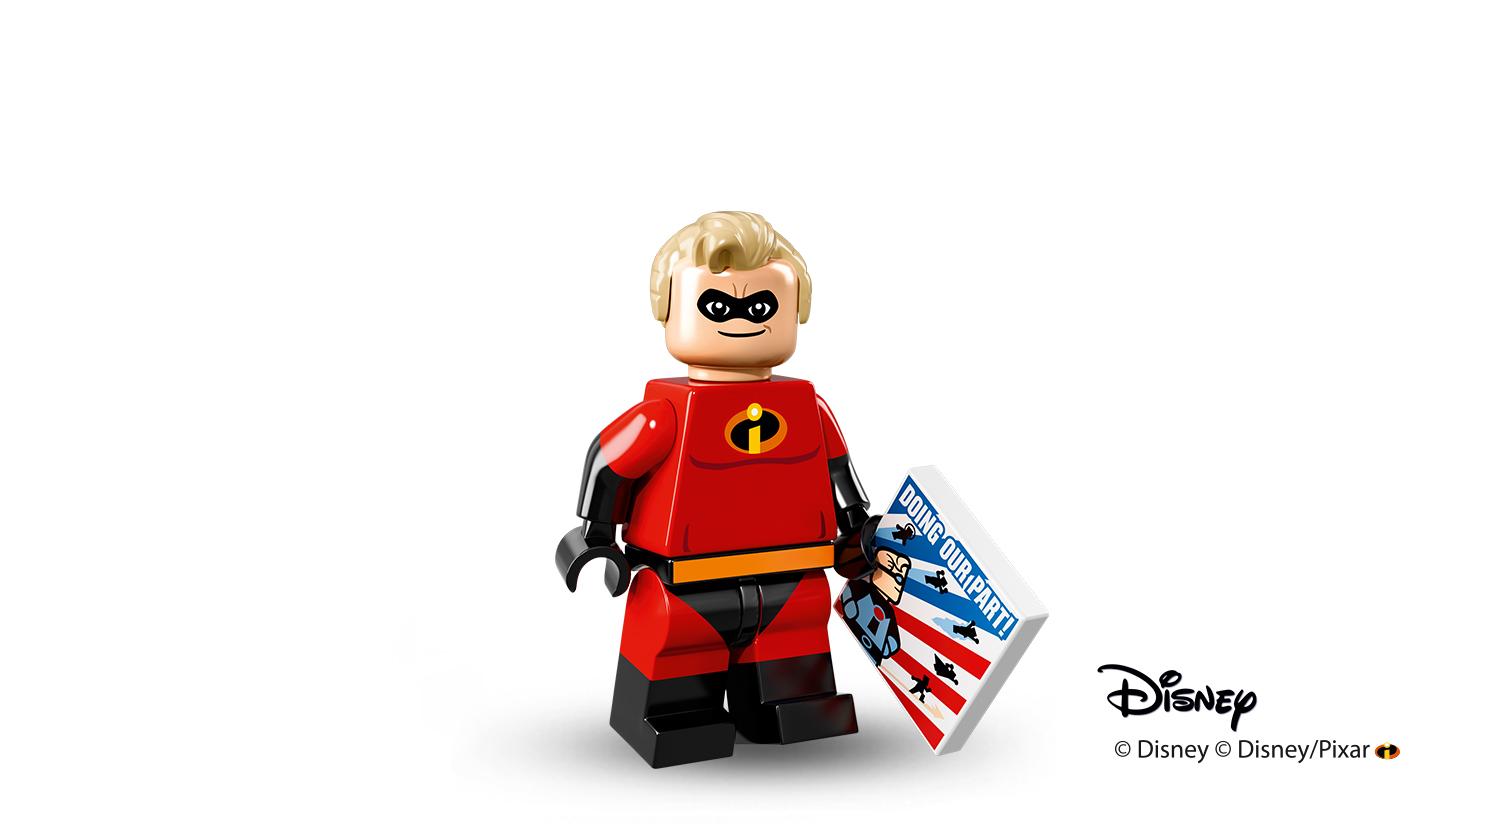 Pan Iniemamocny Klocki Lego Wiki Fandom Powered By Wikia